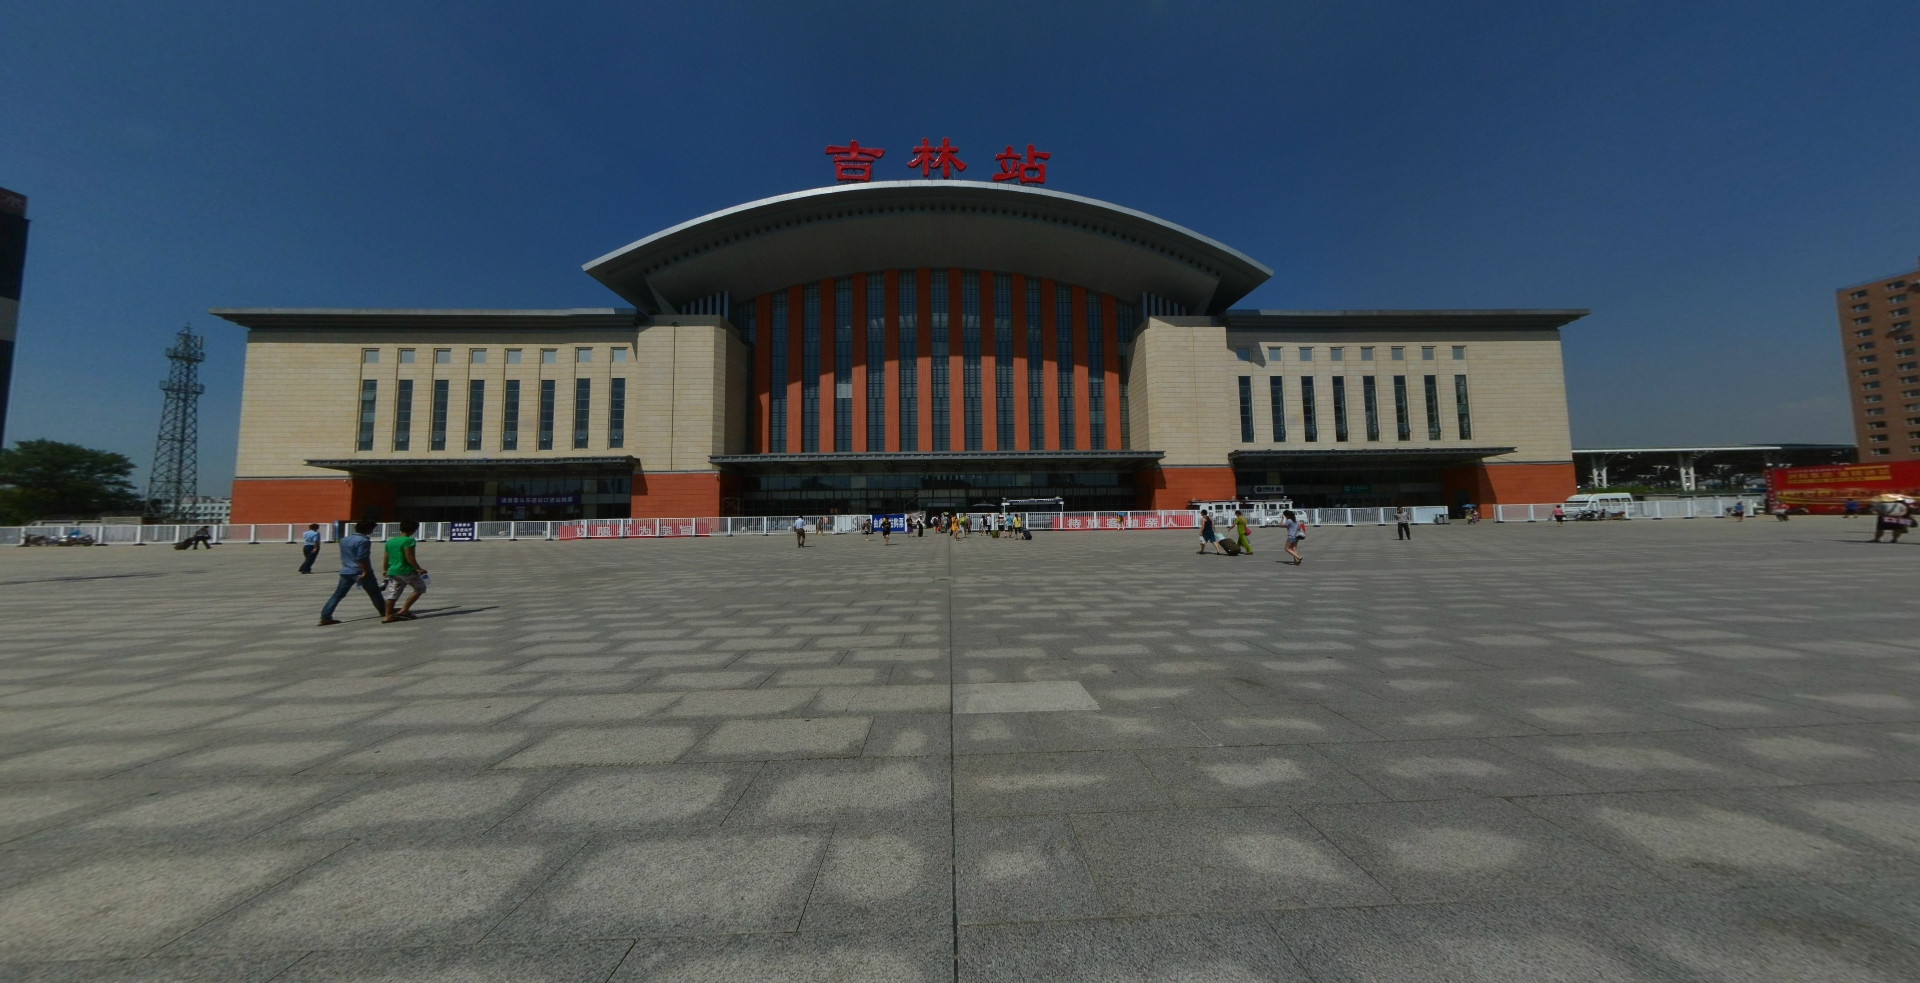 吉林站东广场